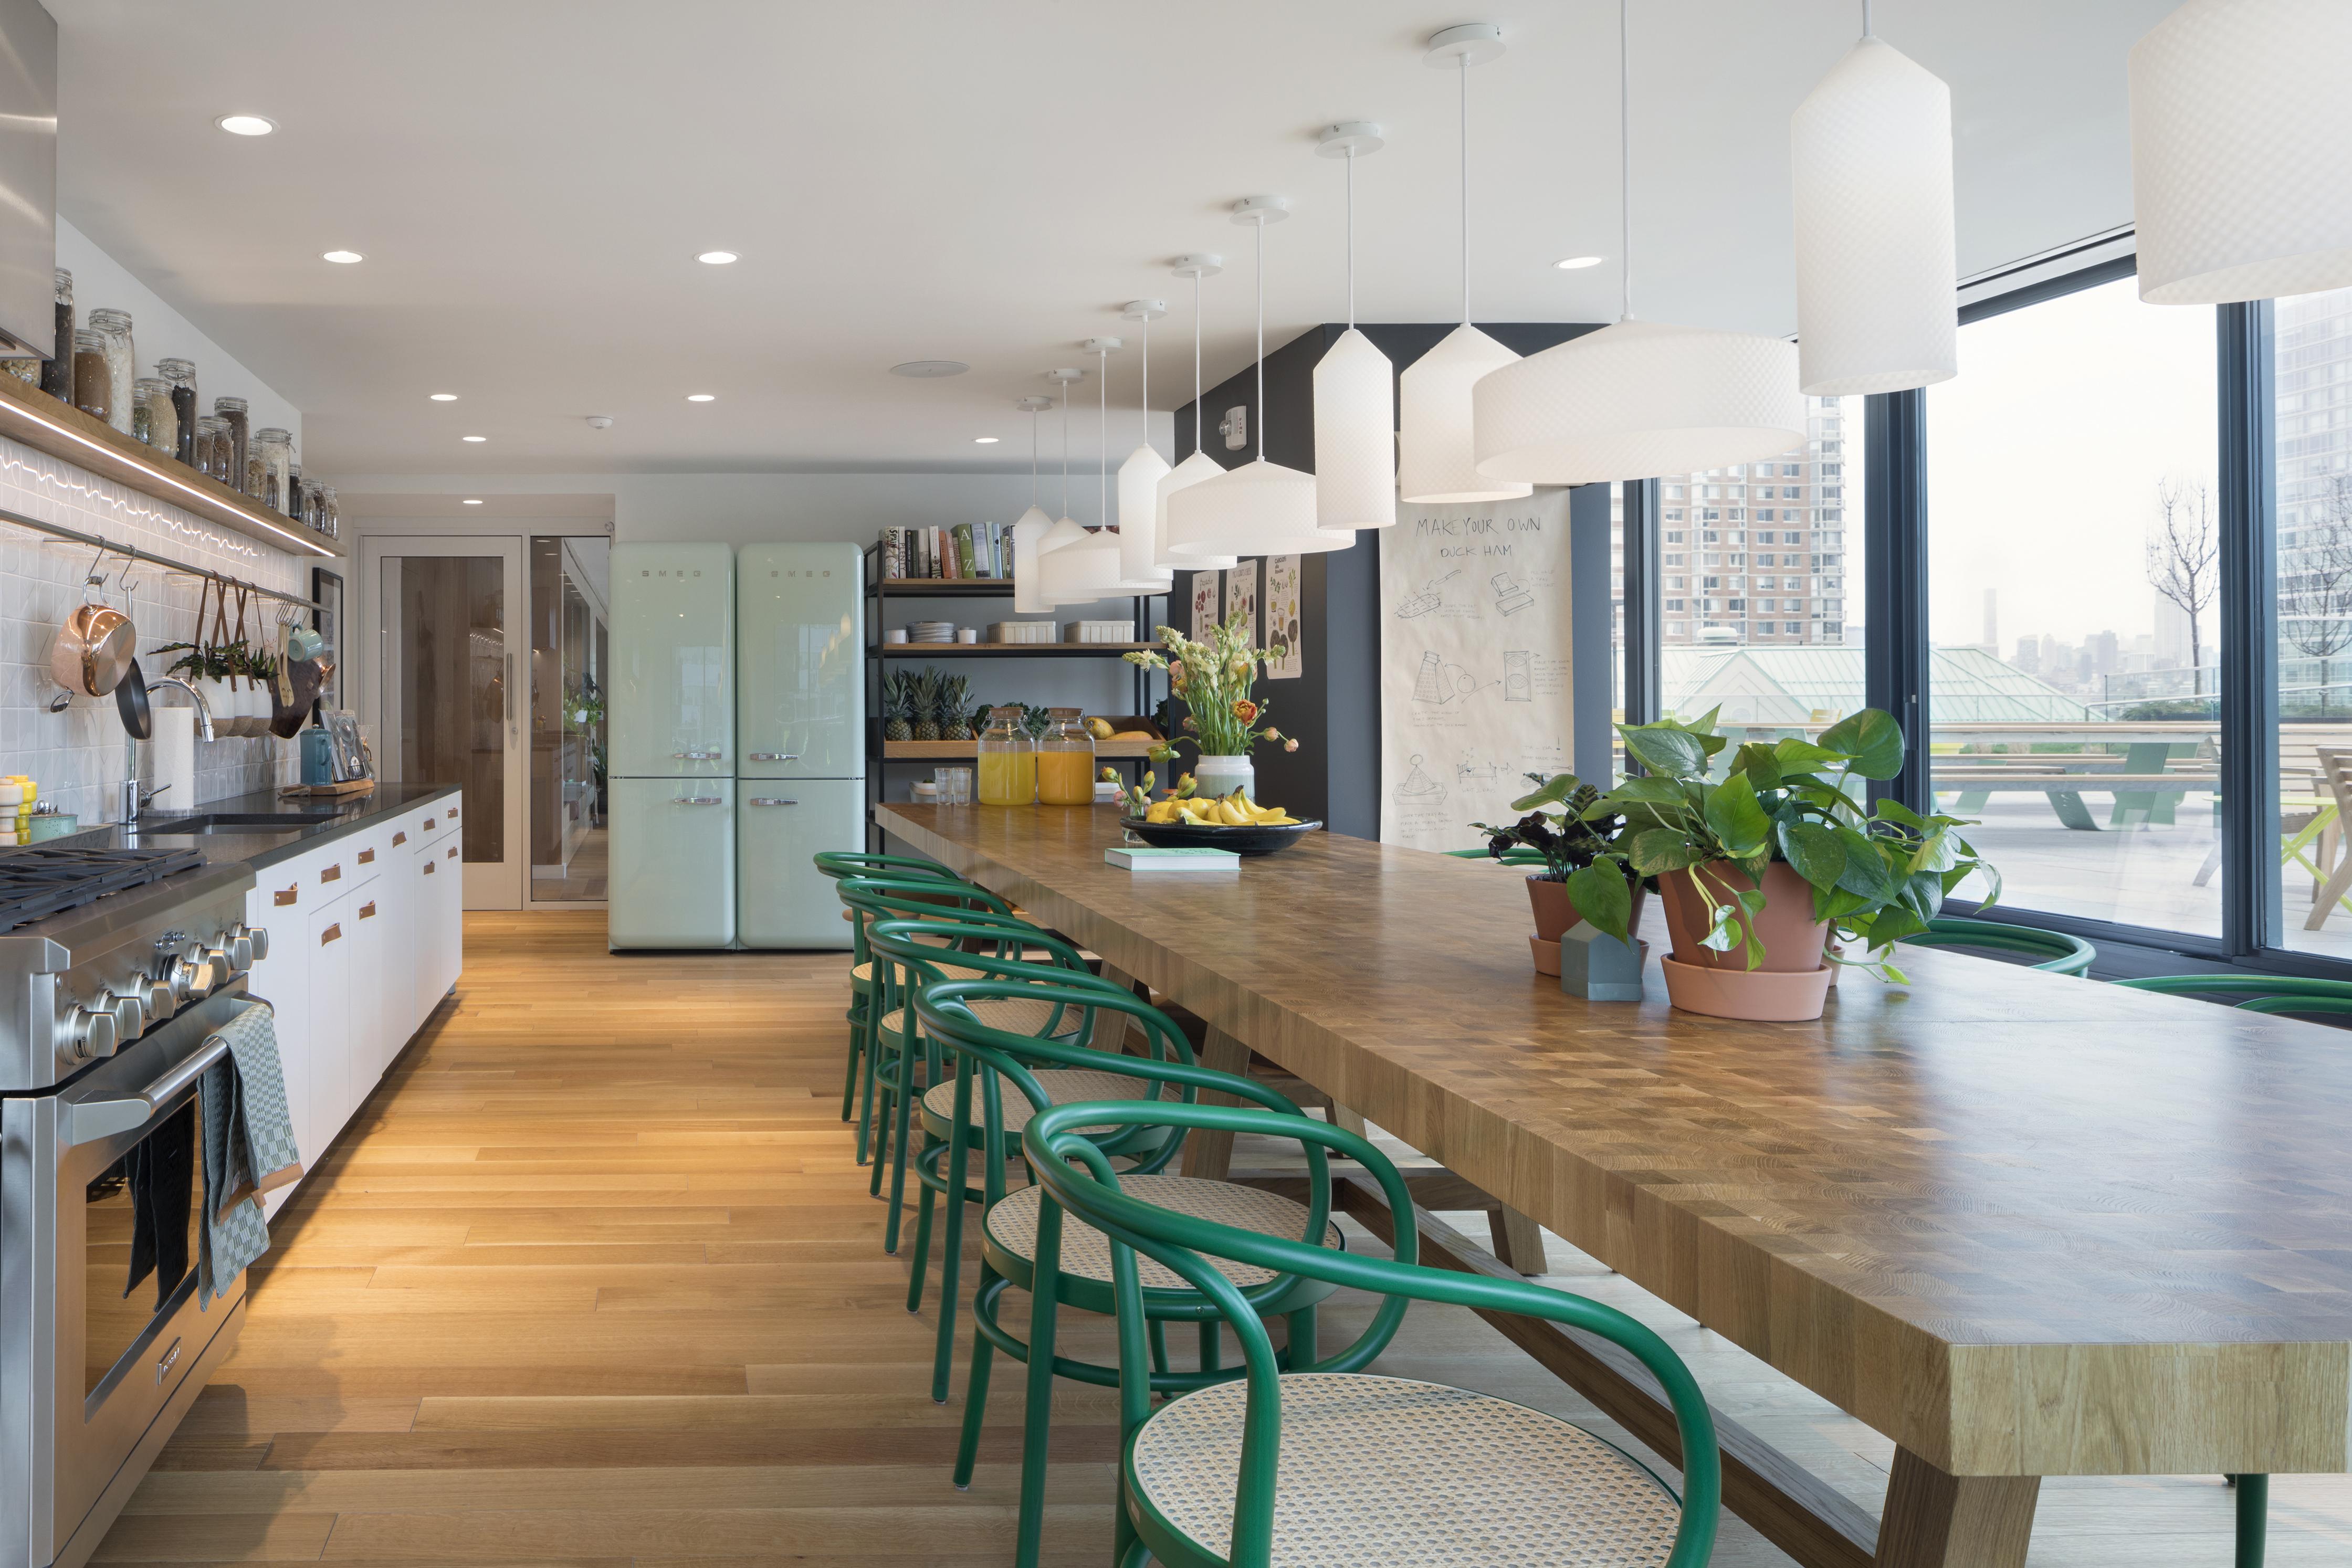 <p>De gemeenschappelijke kook- en eetruimte op de negende verdieping Beeld Ewout Huibers / Concrete architectural associates</p>